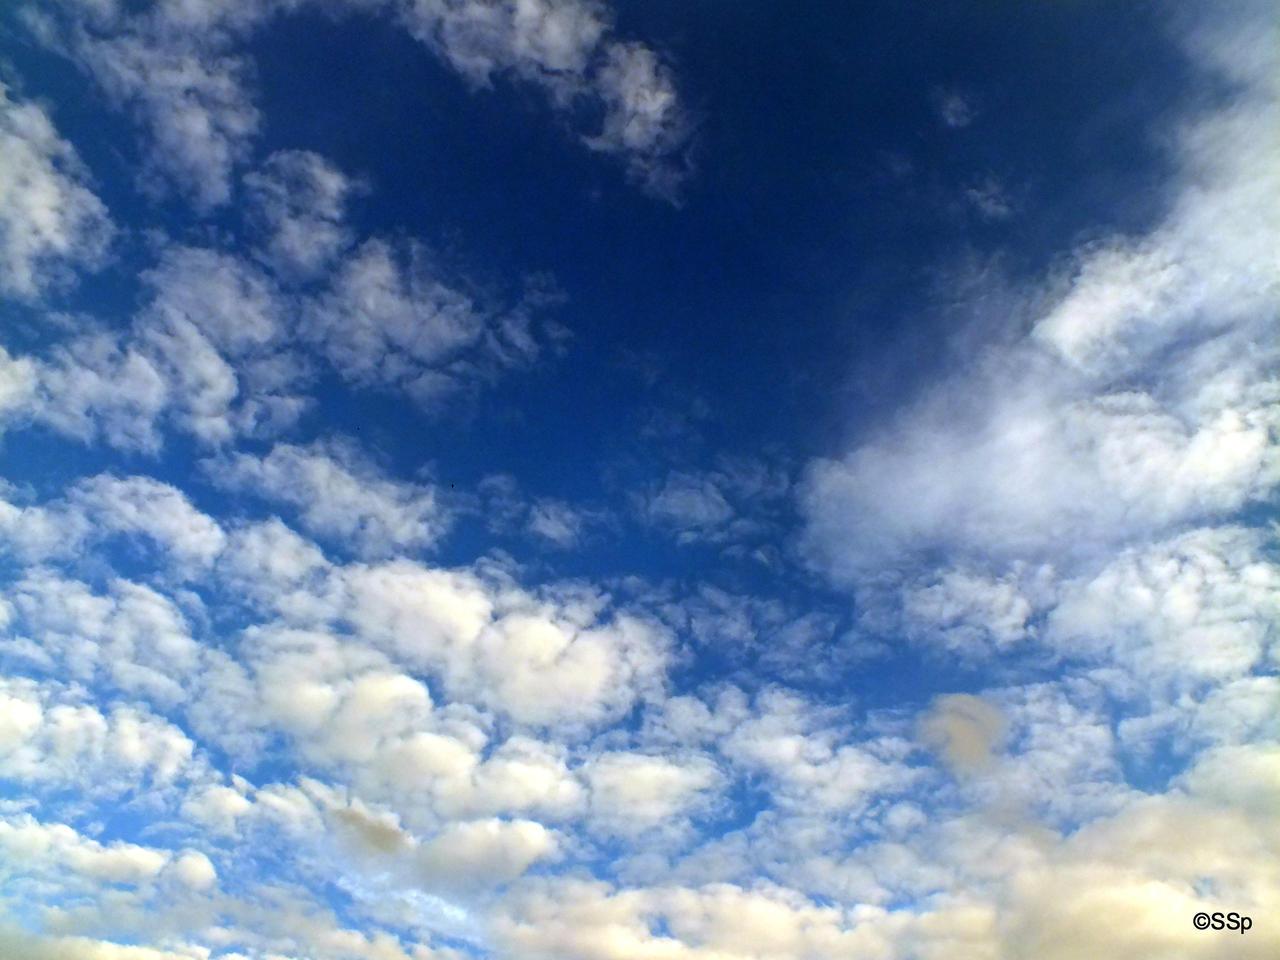 Deep blue sky by Lionpelt-66